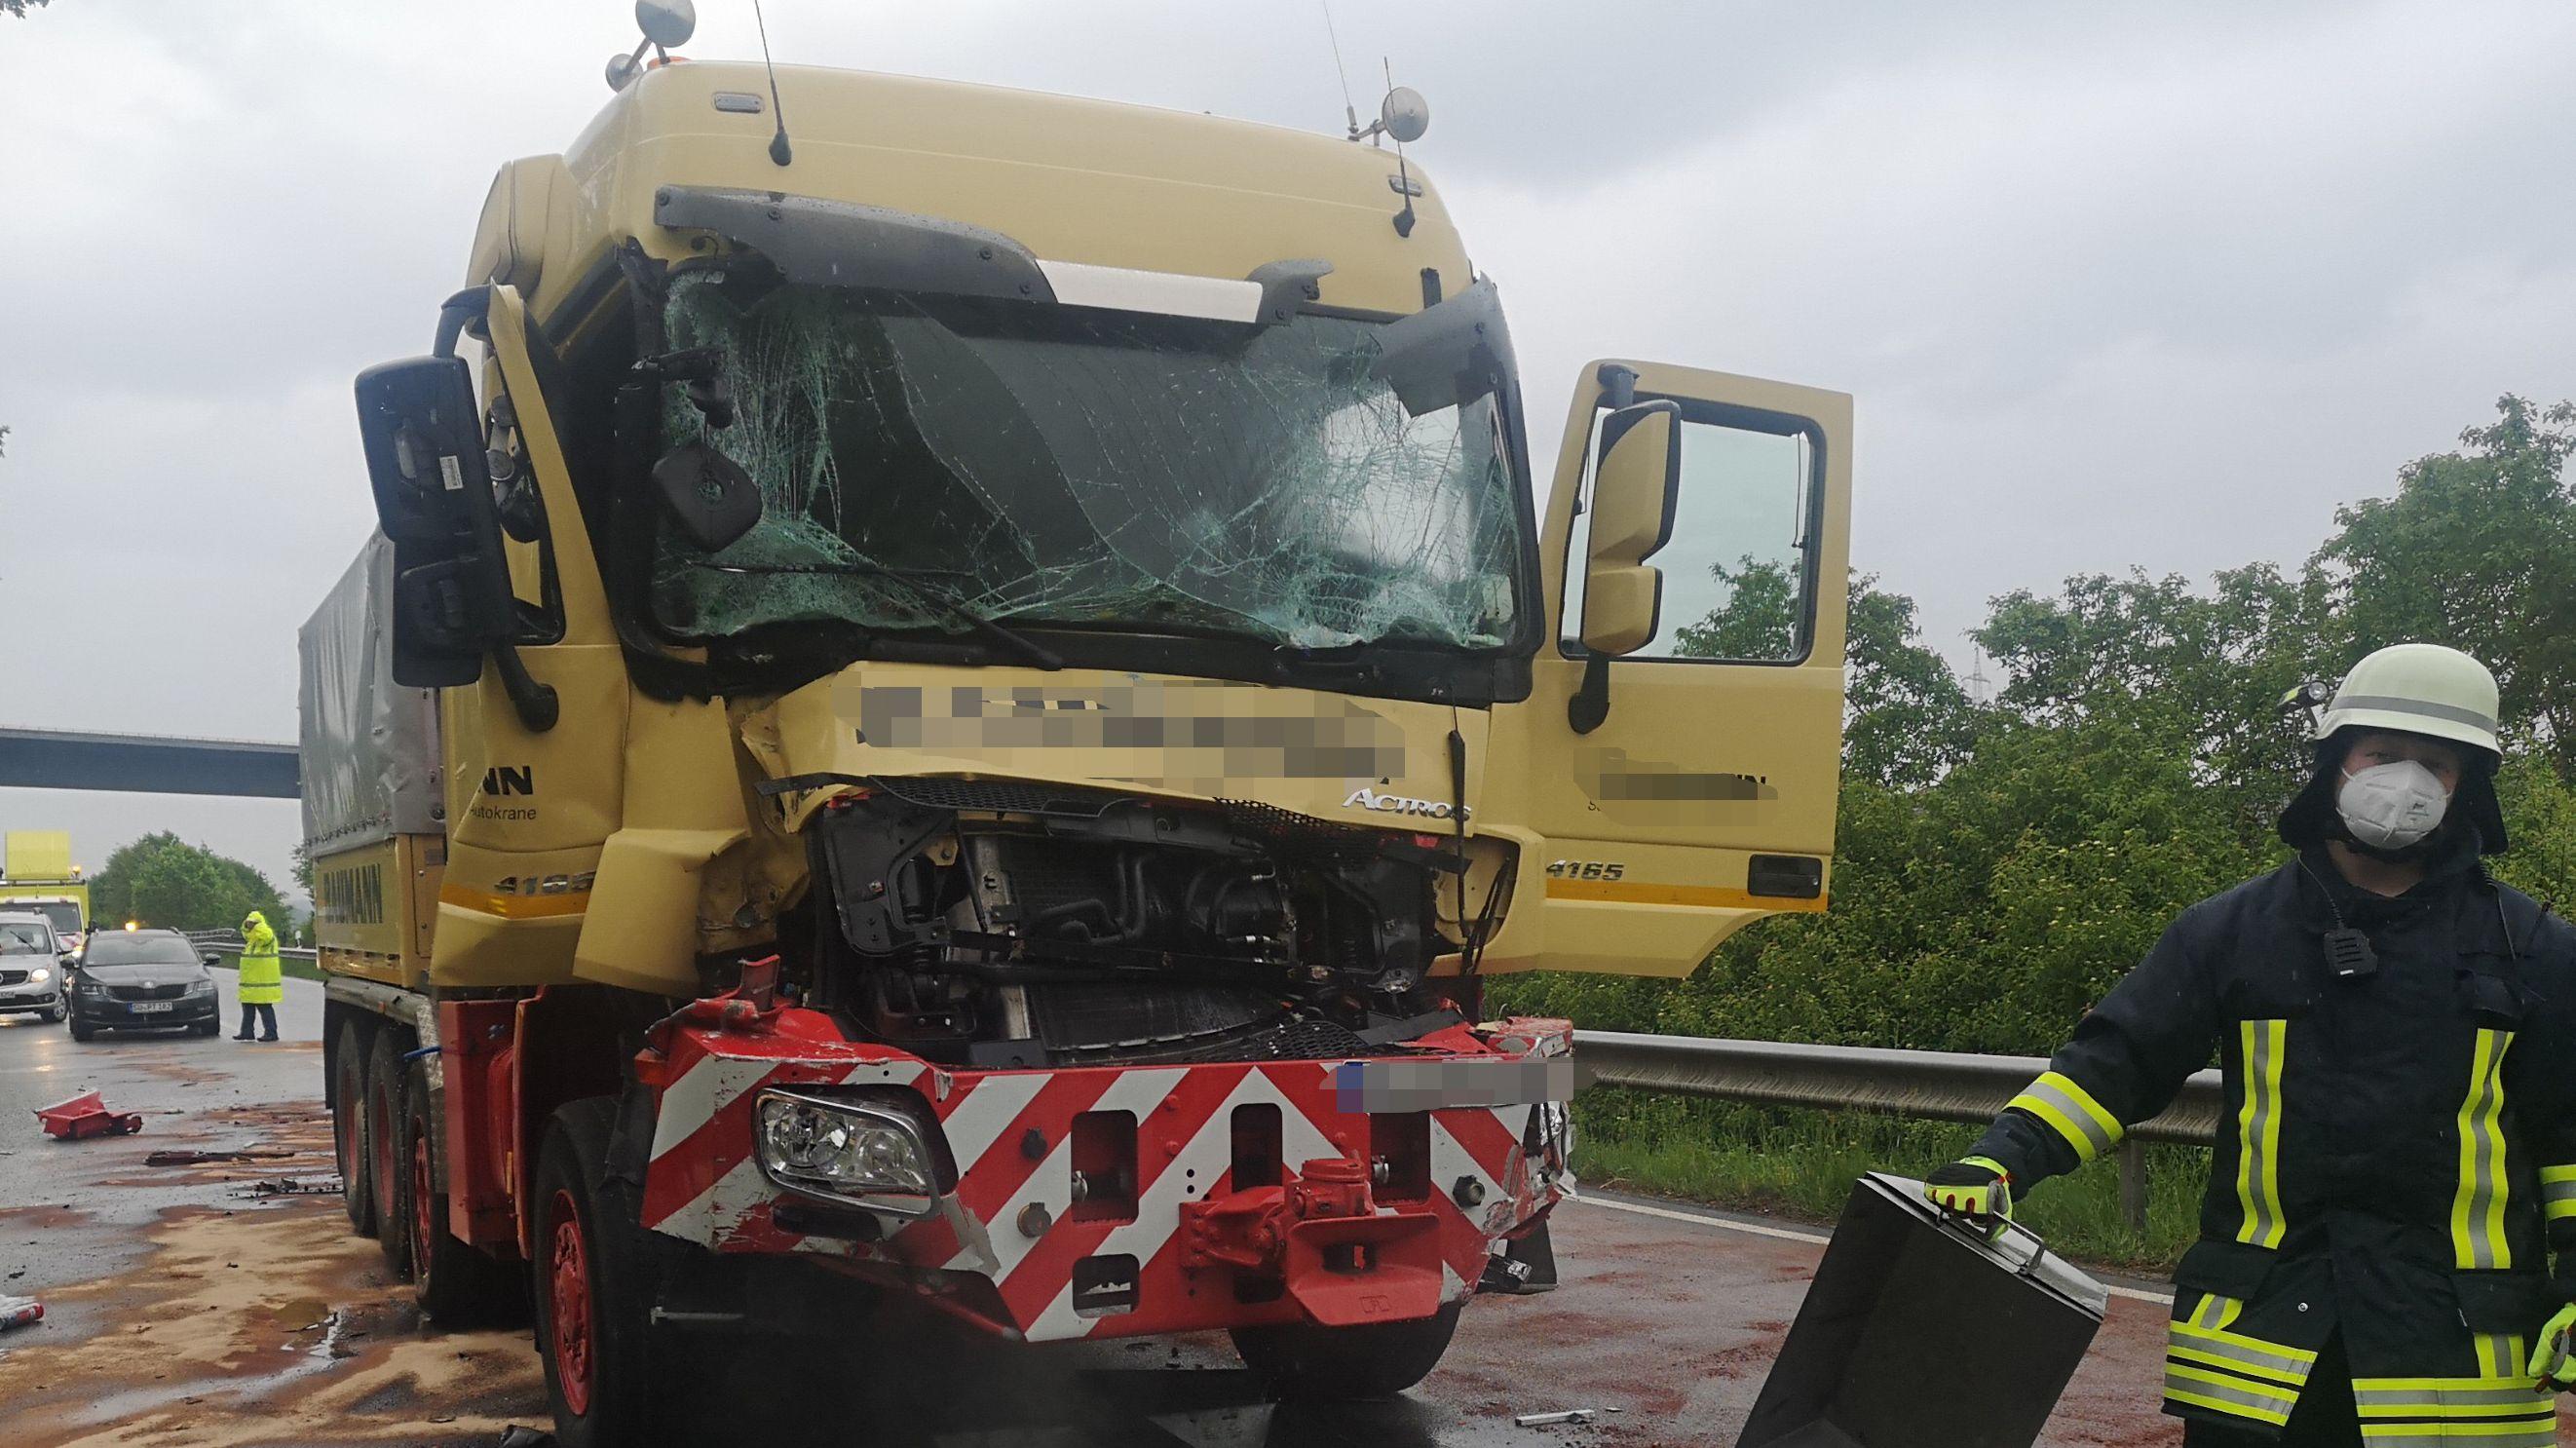 Einer der beschädigten Lkw